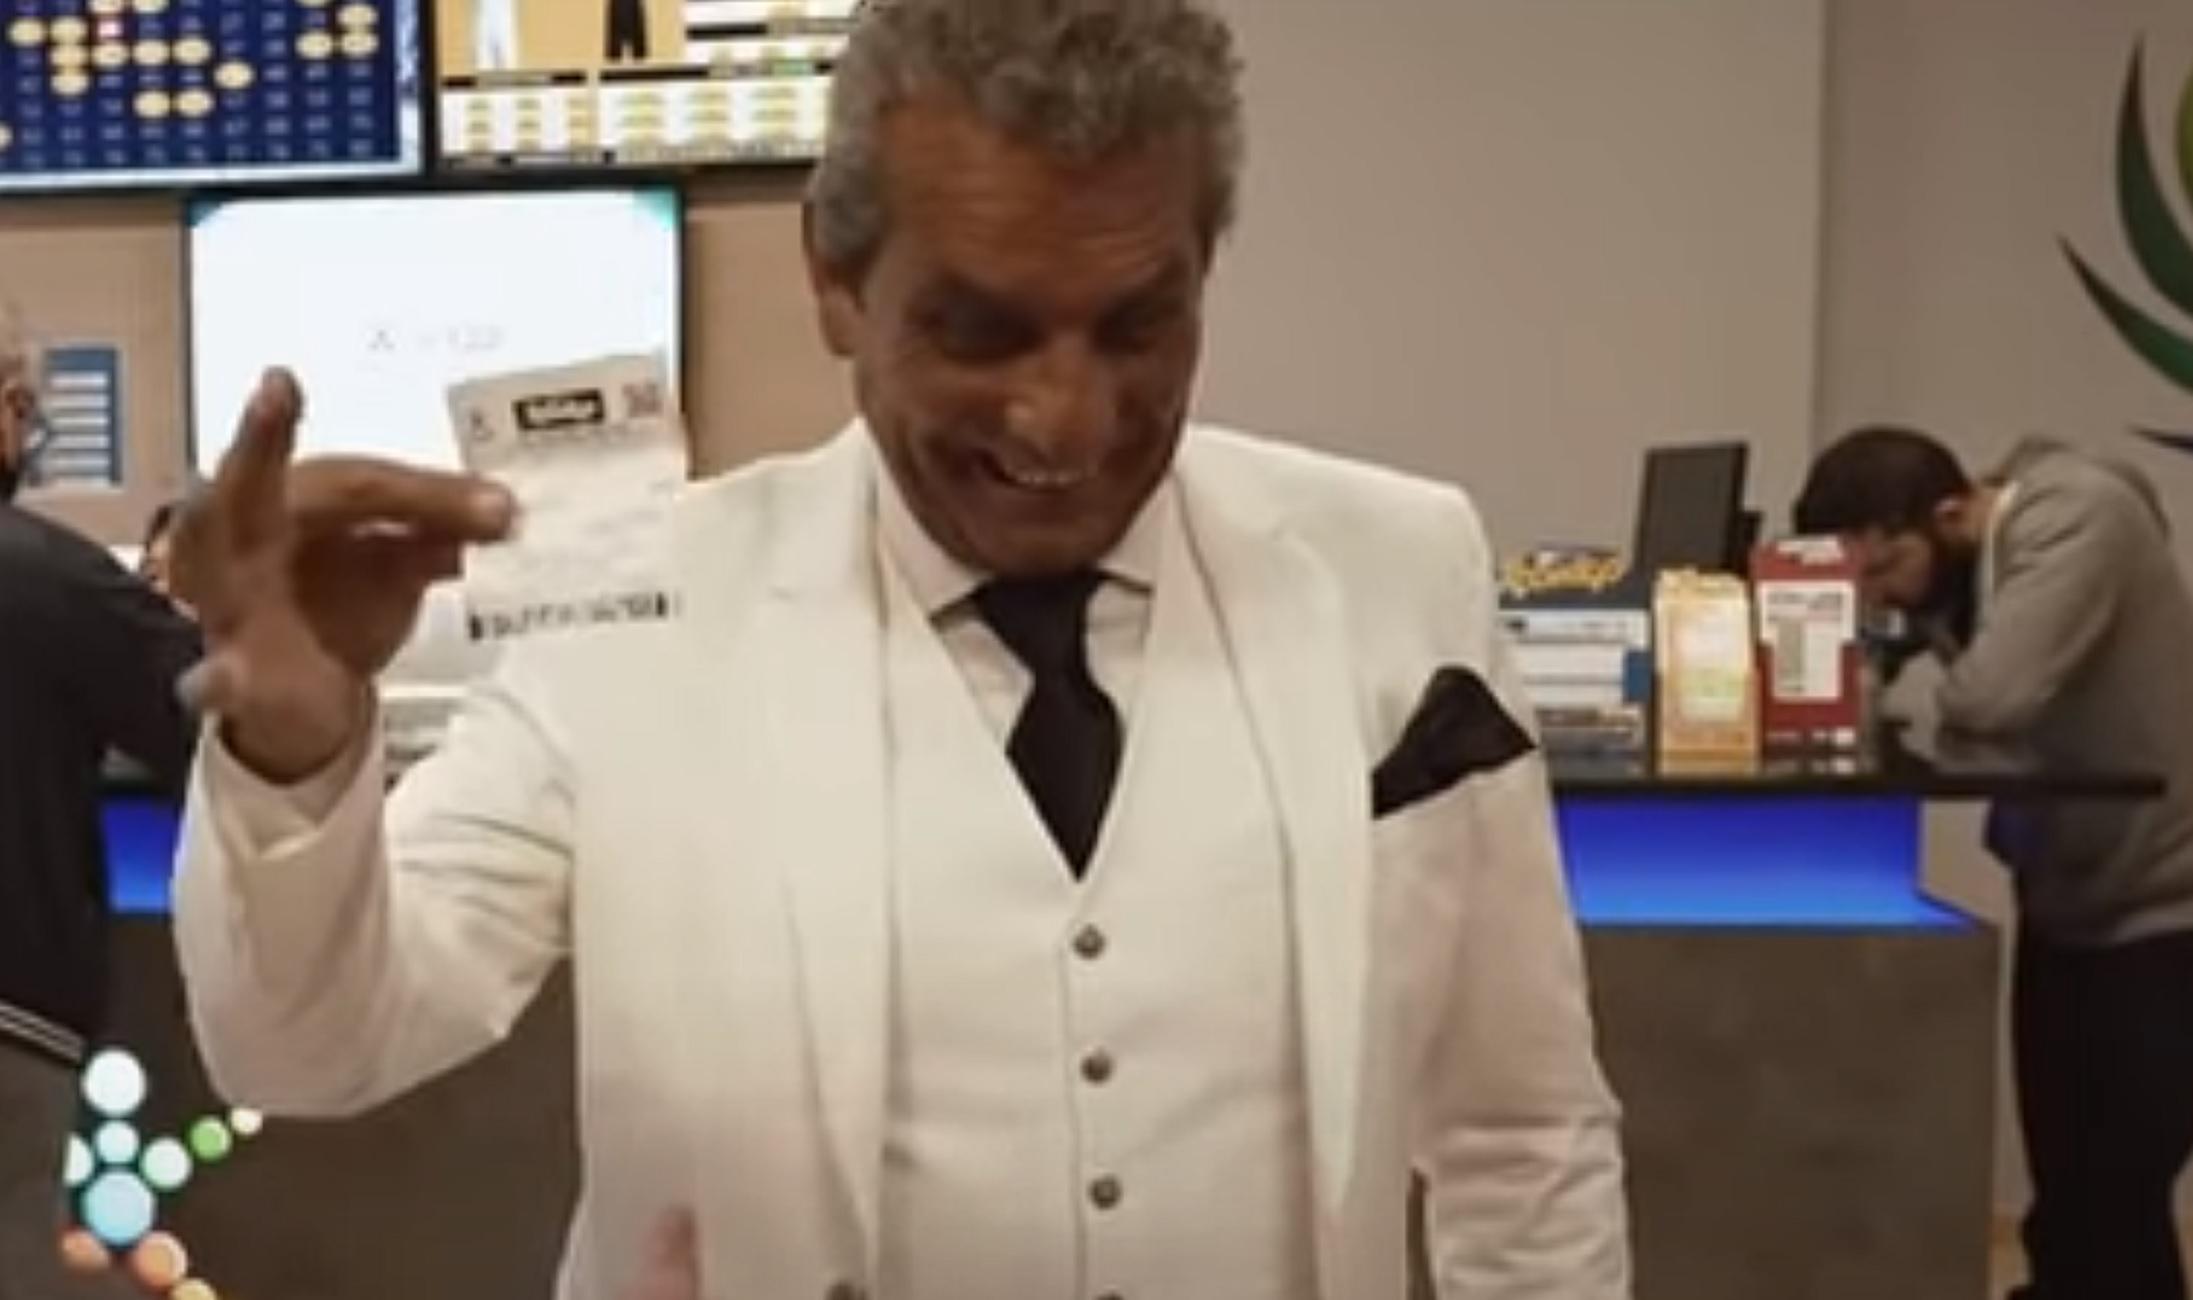 Σύρος: Κέρδισε στο τζόκερ 5.000.000 και έδωσε στον αδερφό του 5 ευρώ – Οι εικόνες που τα σπάνε (video)